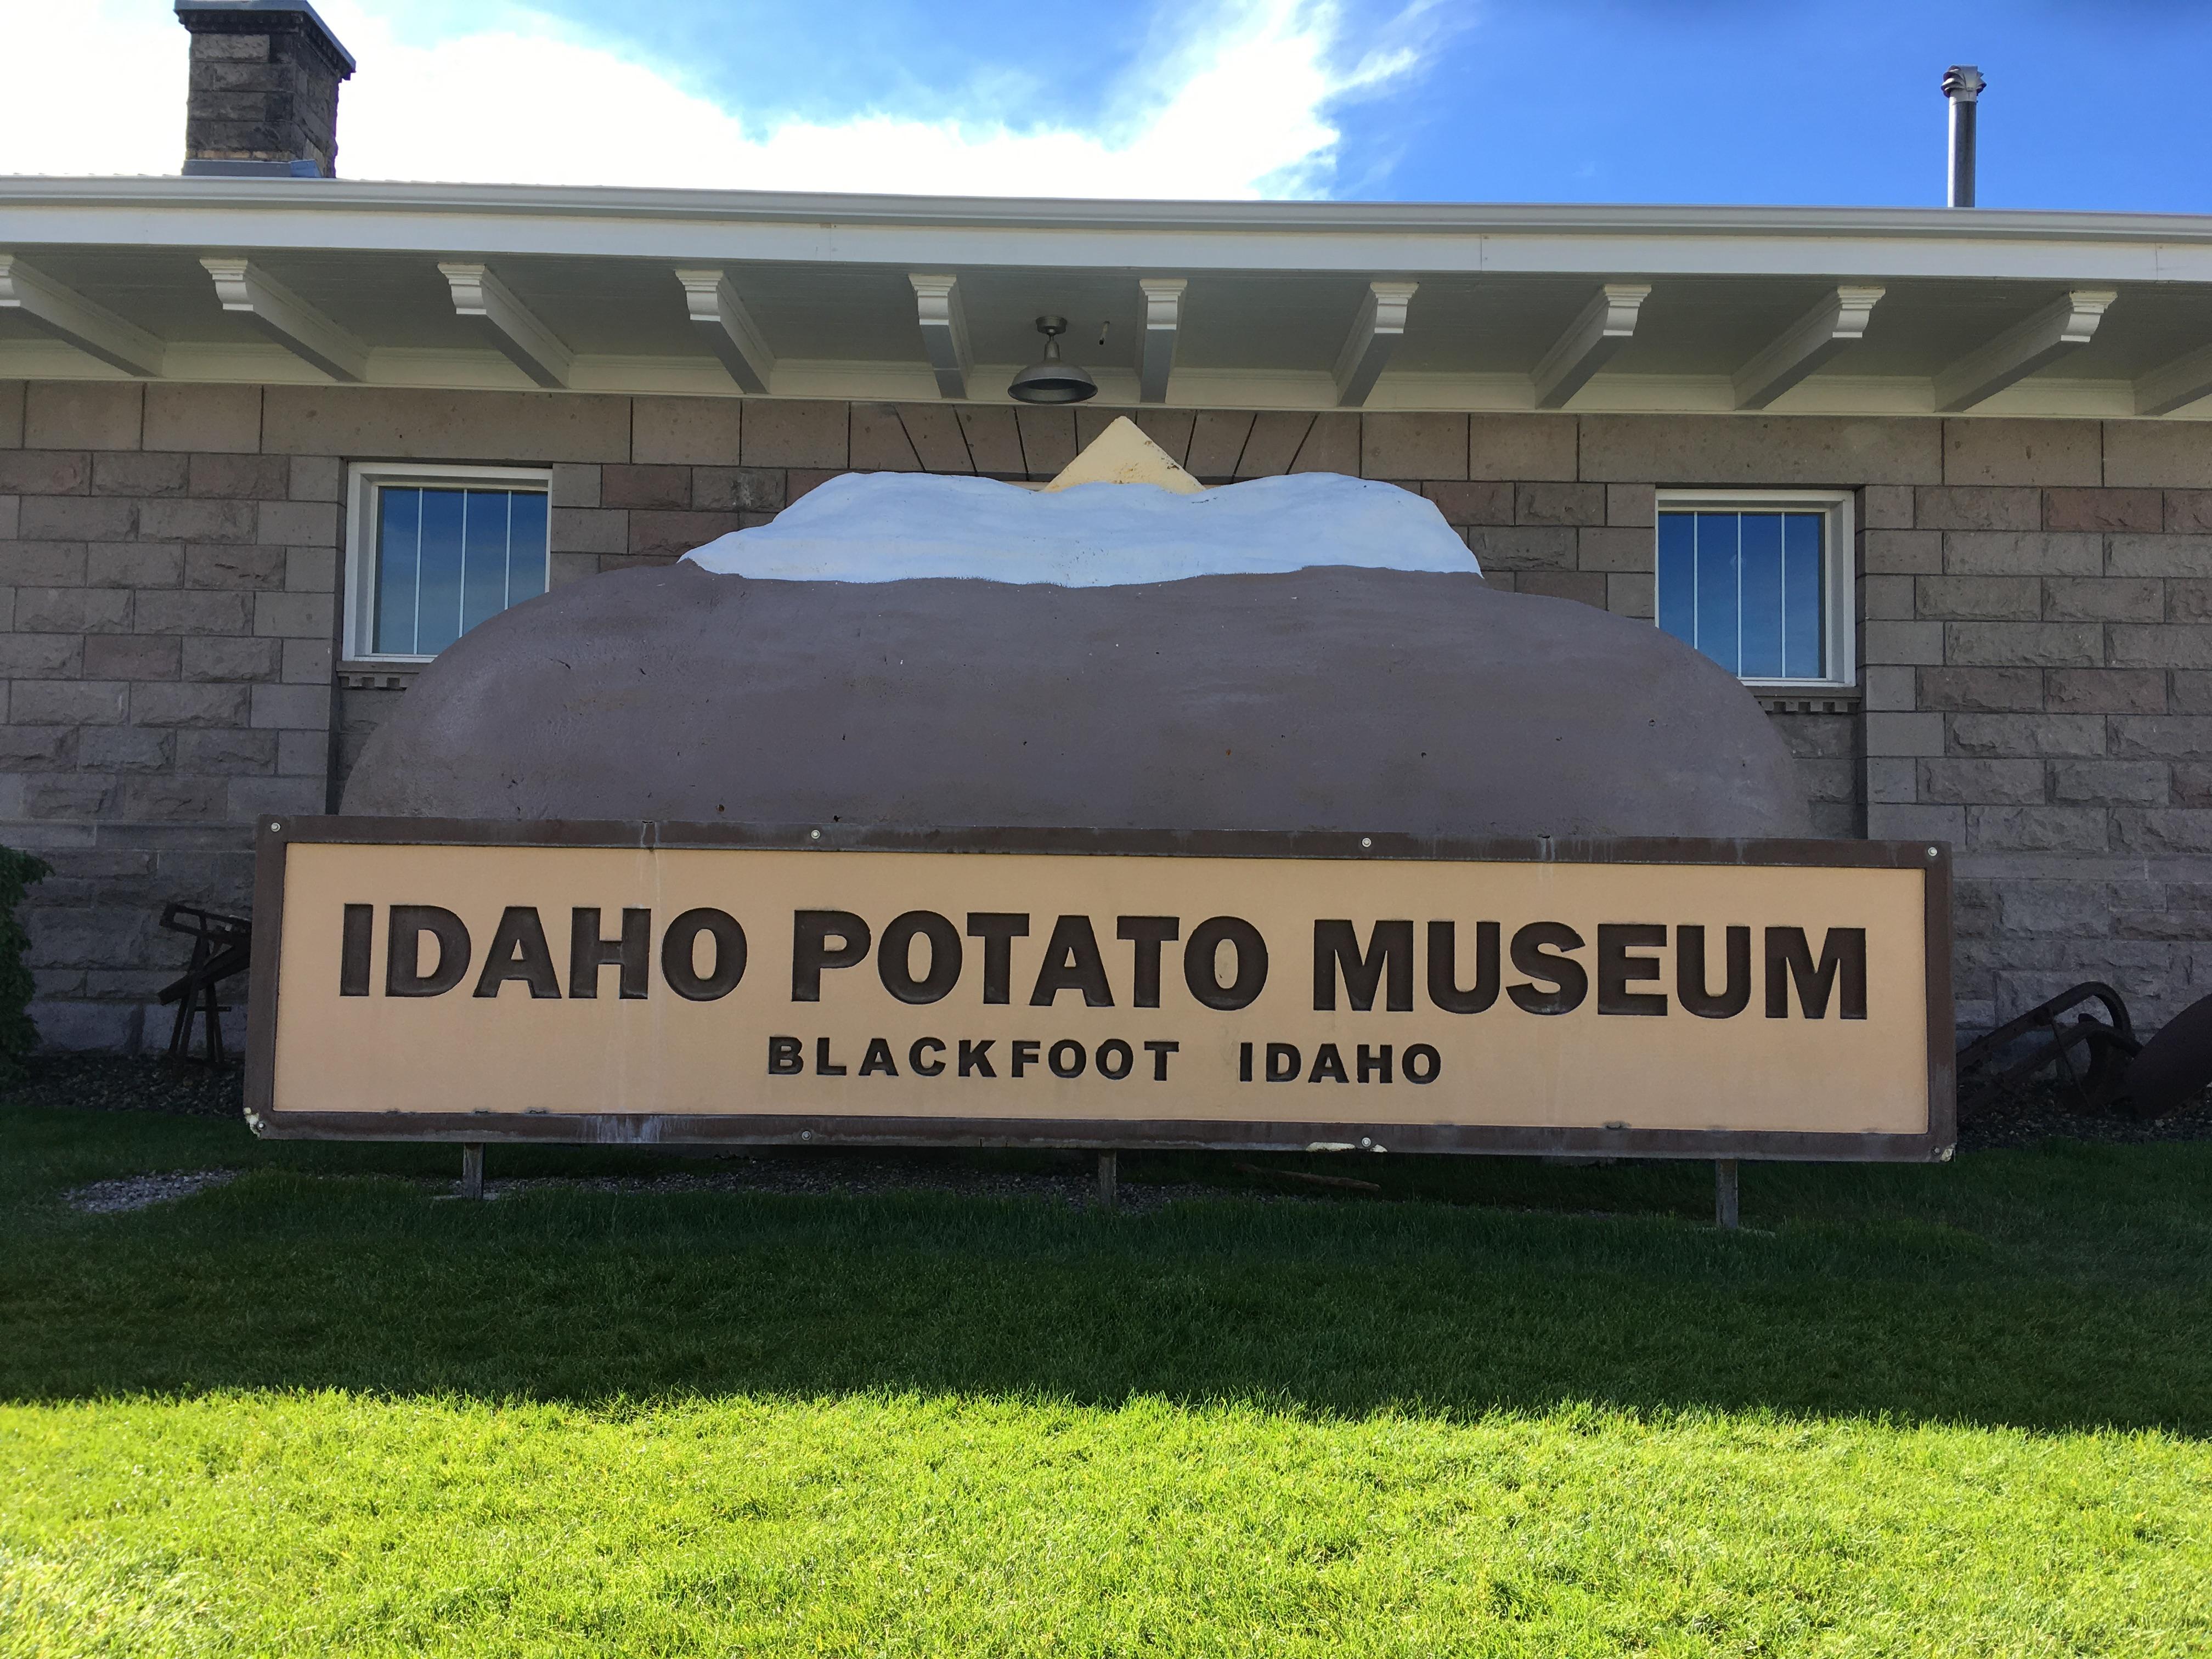 アイダホといえばやっぱりポテト!アイダホポテトミュージアム